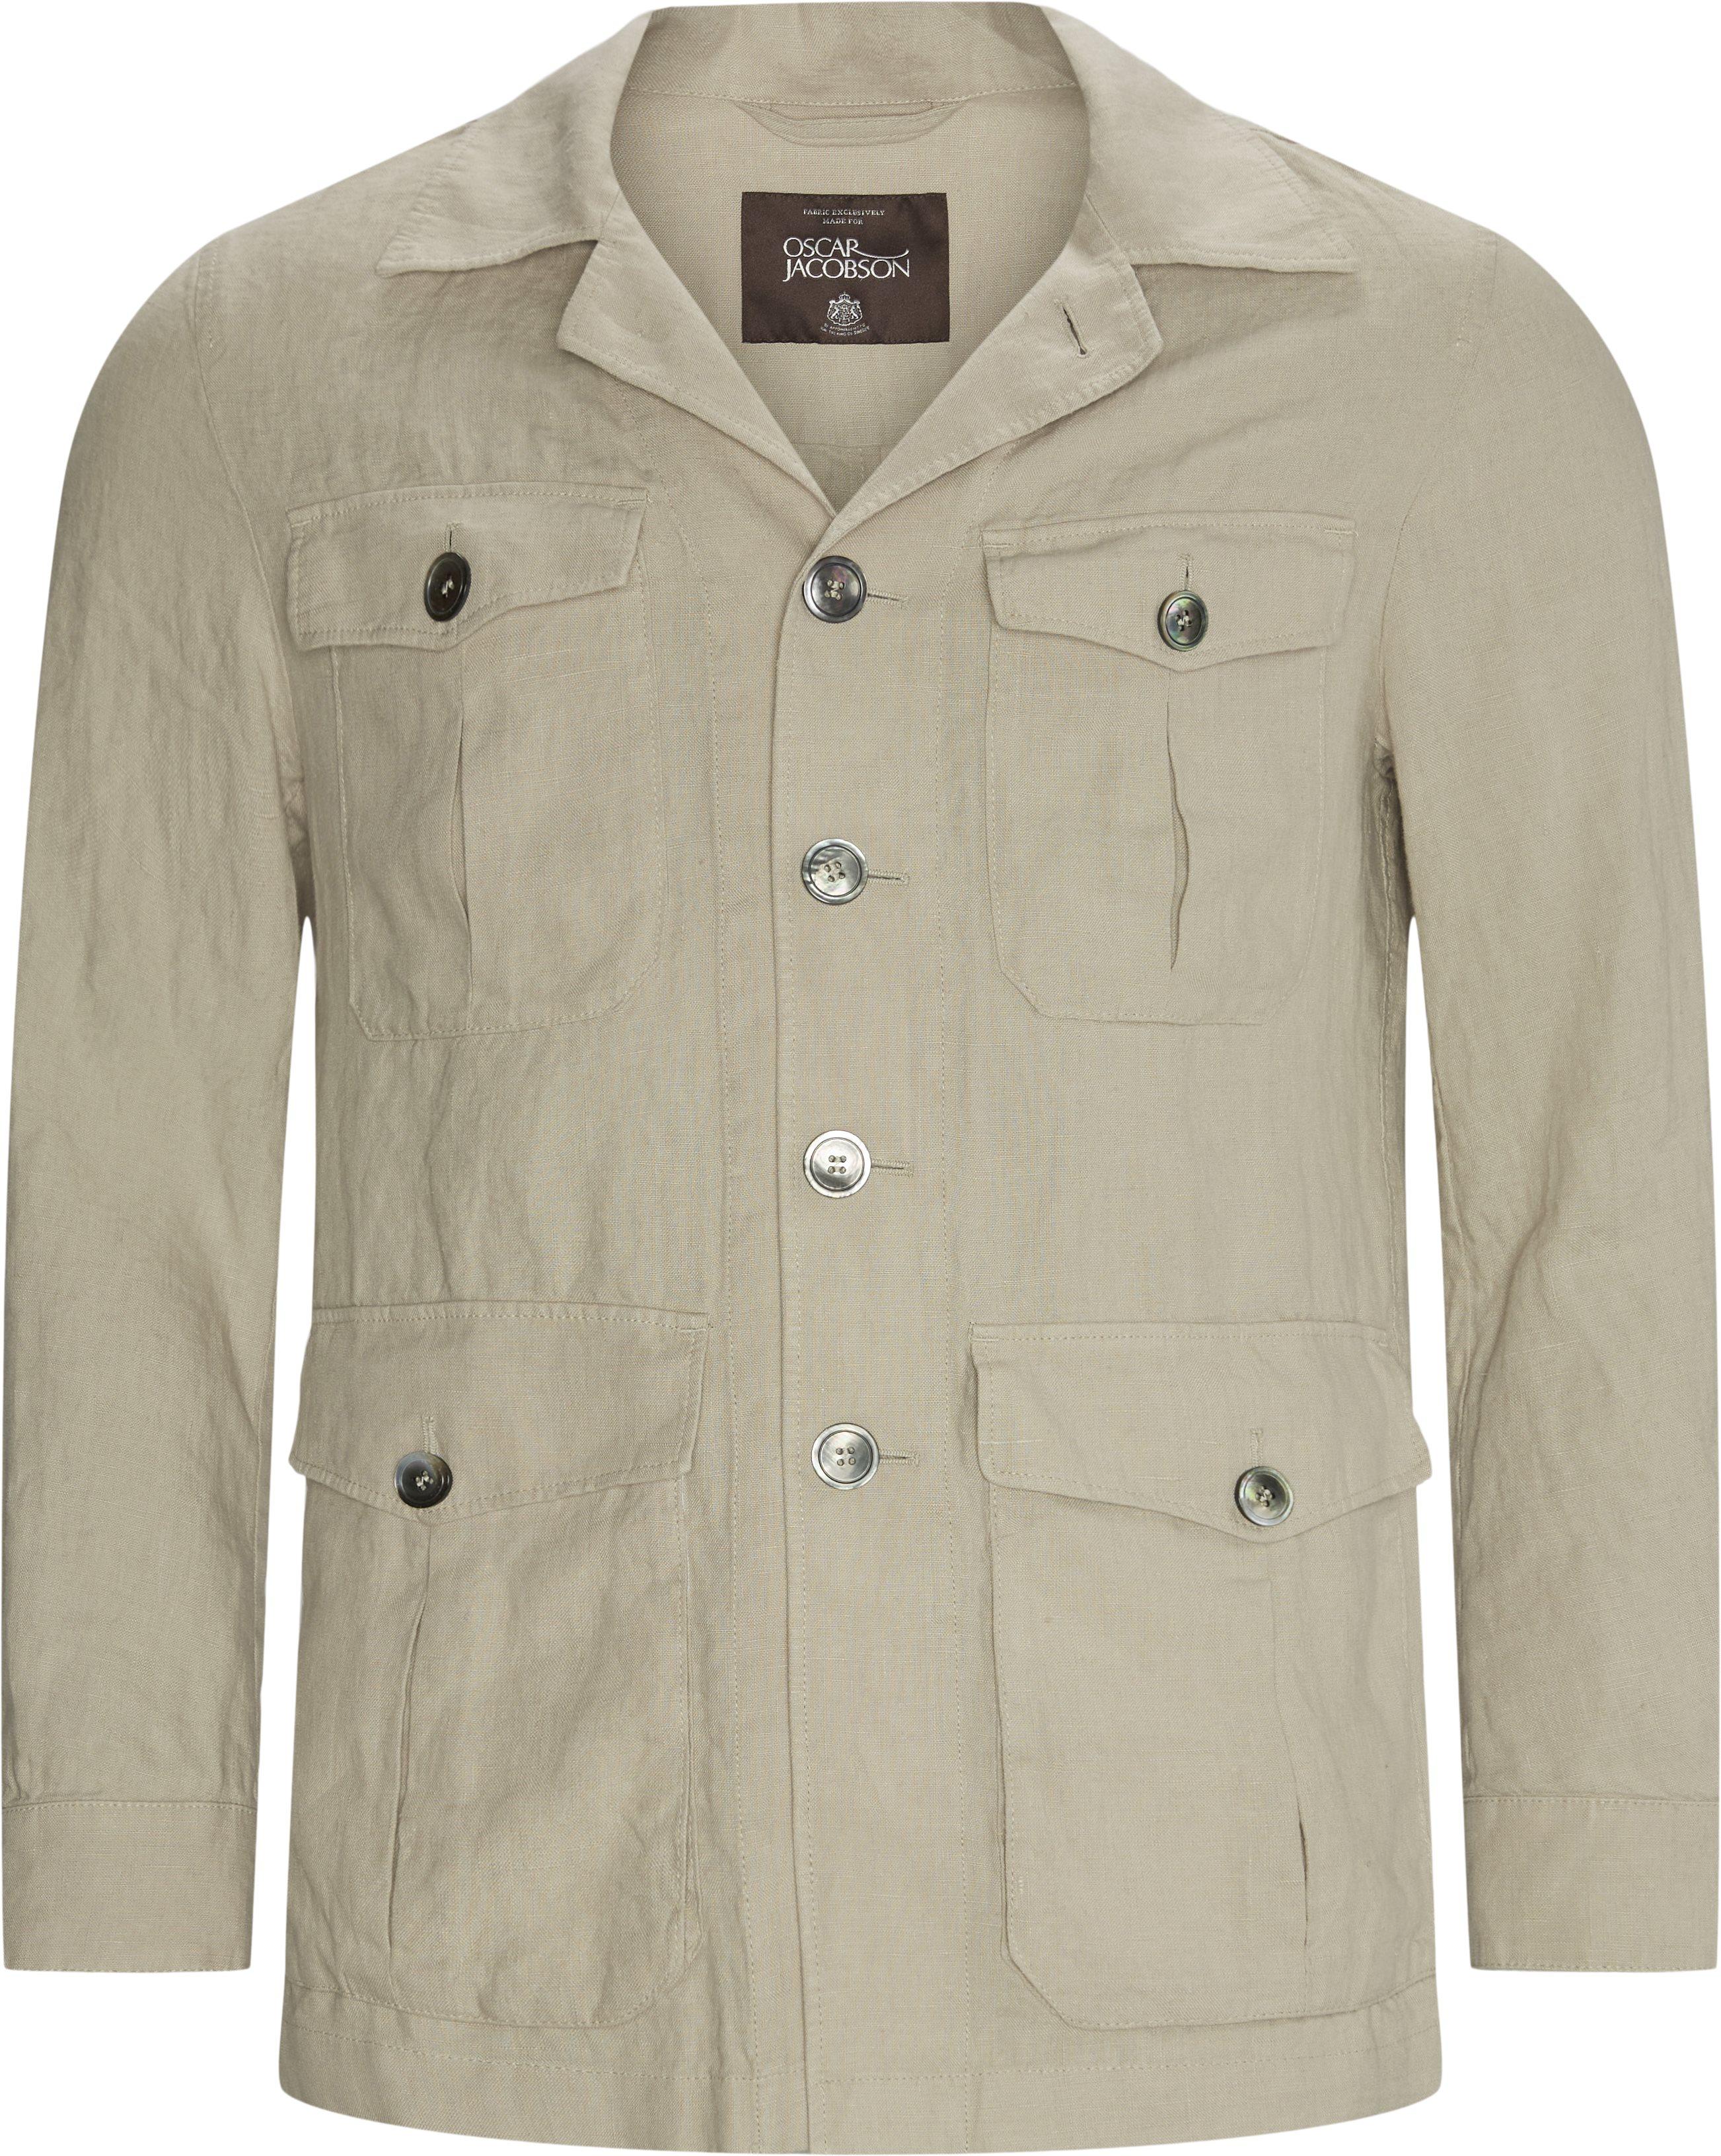 Westwood Jacket - Skjorter - Regular fit - Sand